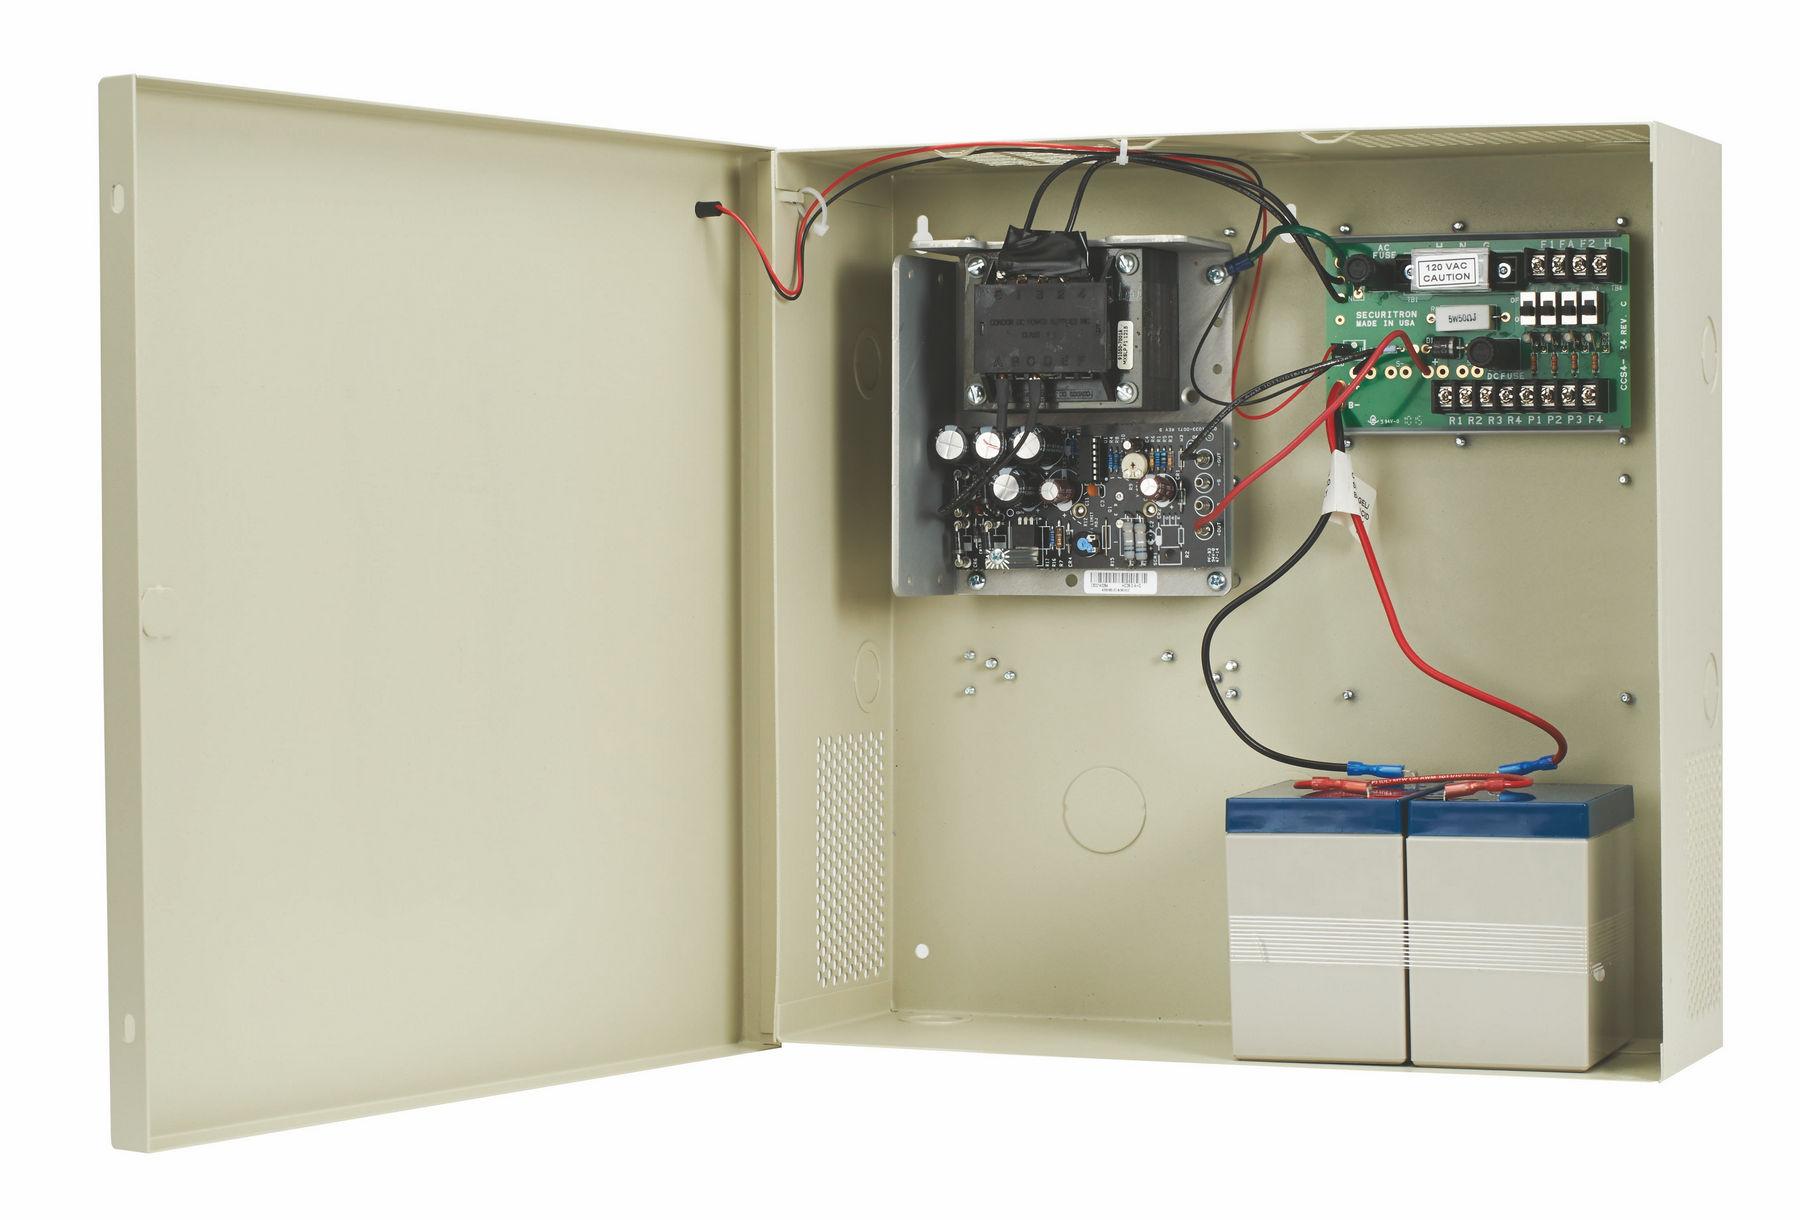 securitron wiring diagrams wiring diagram article  securitron wiring diagrams #11